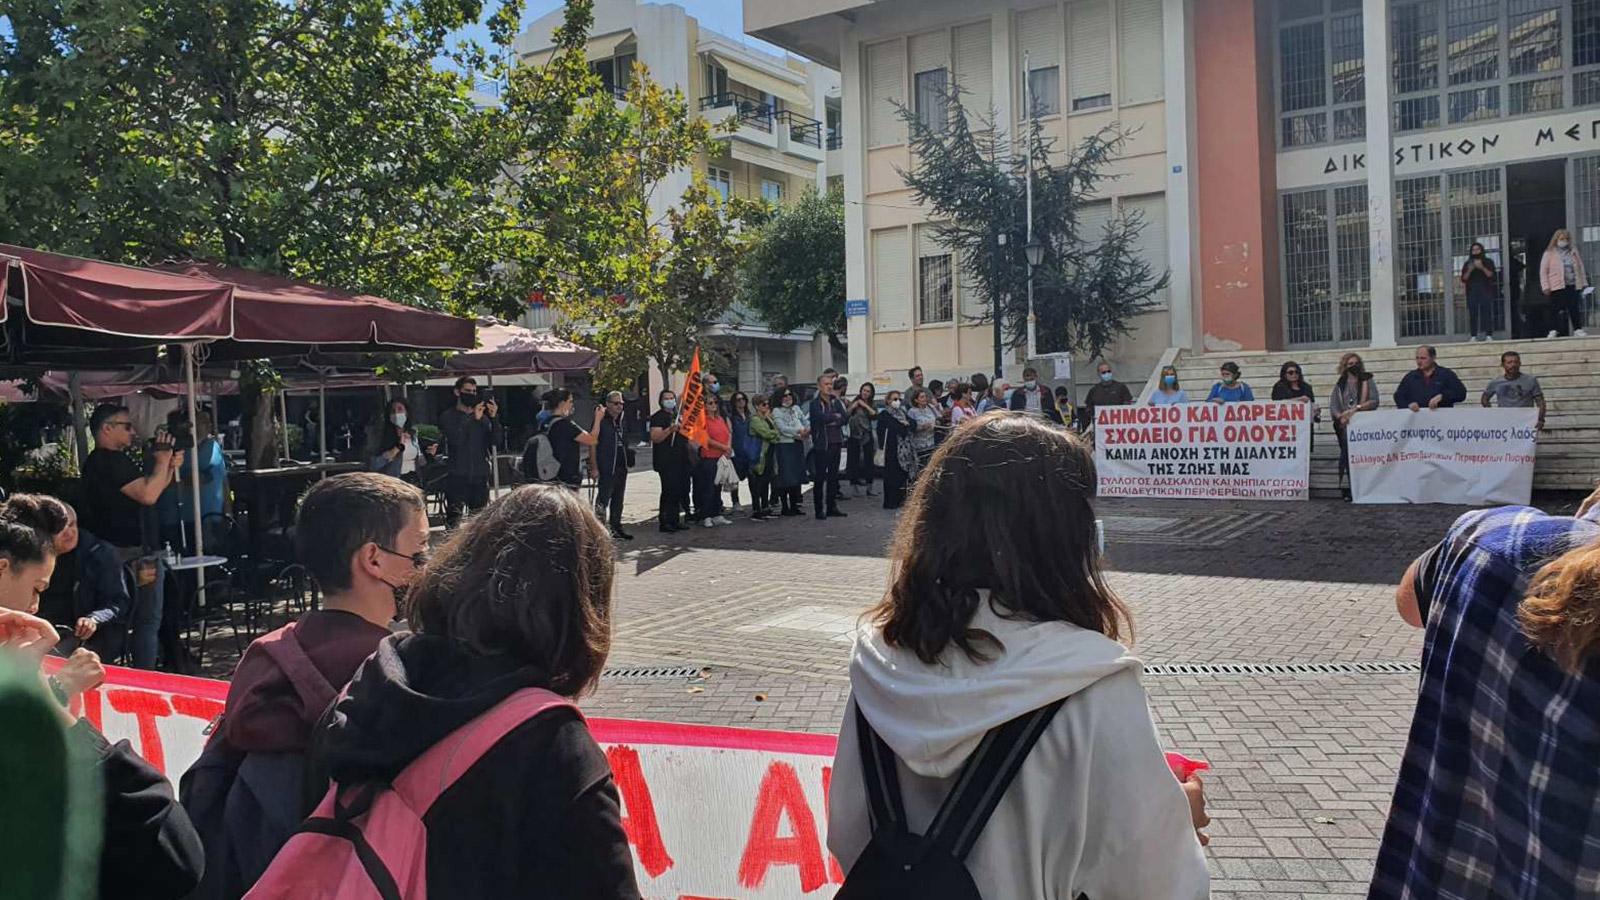 Πύργος: Δυναμική η συμμετοχή στην απεργία- αποχή και κινητοποιήσεις των εκπαιδευτικών (photos)